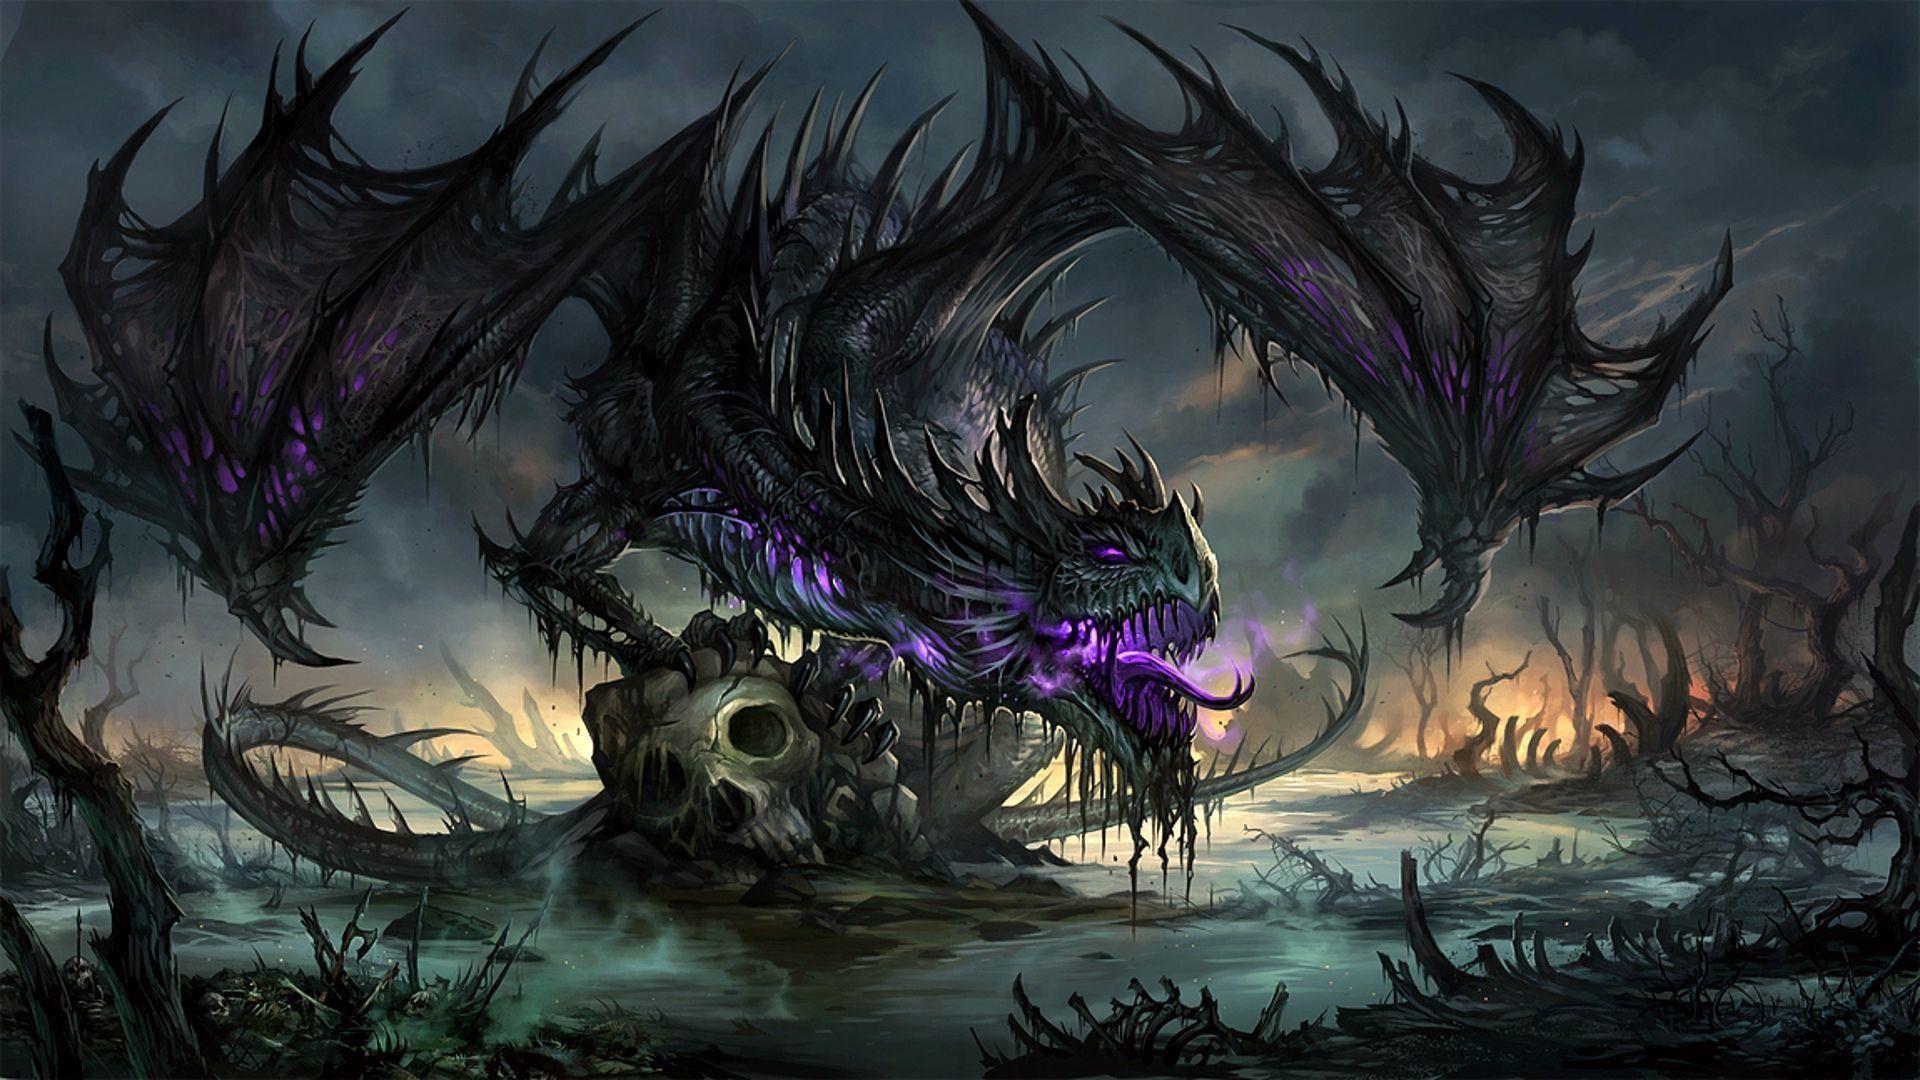 Res: 1920x1080, Purple Dragon Wallpaper - WallpaperSafari